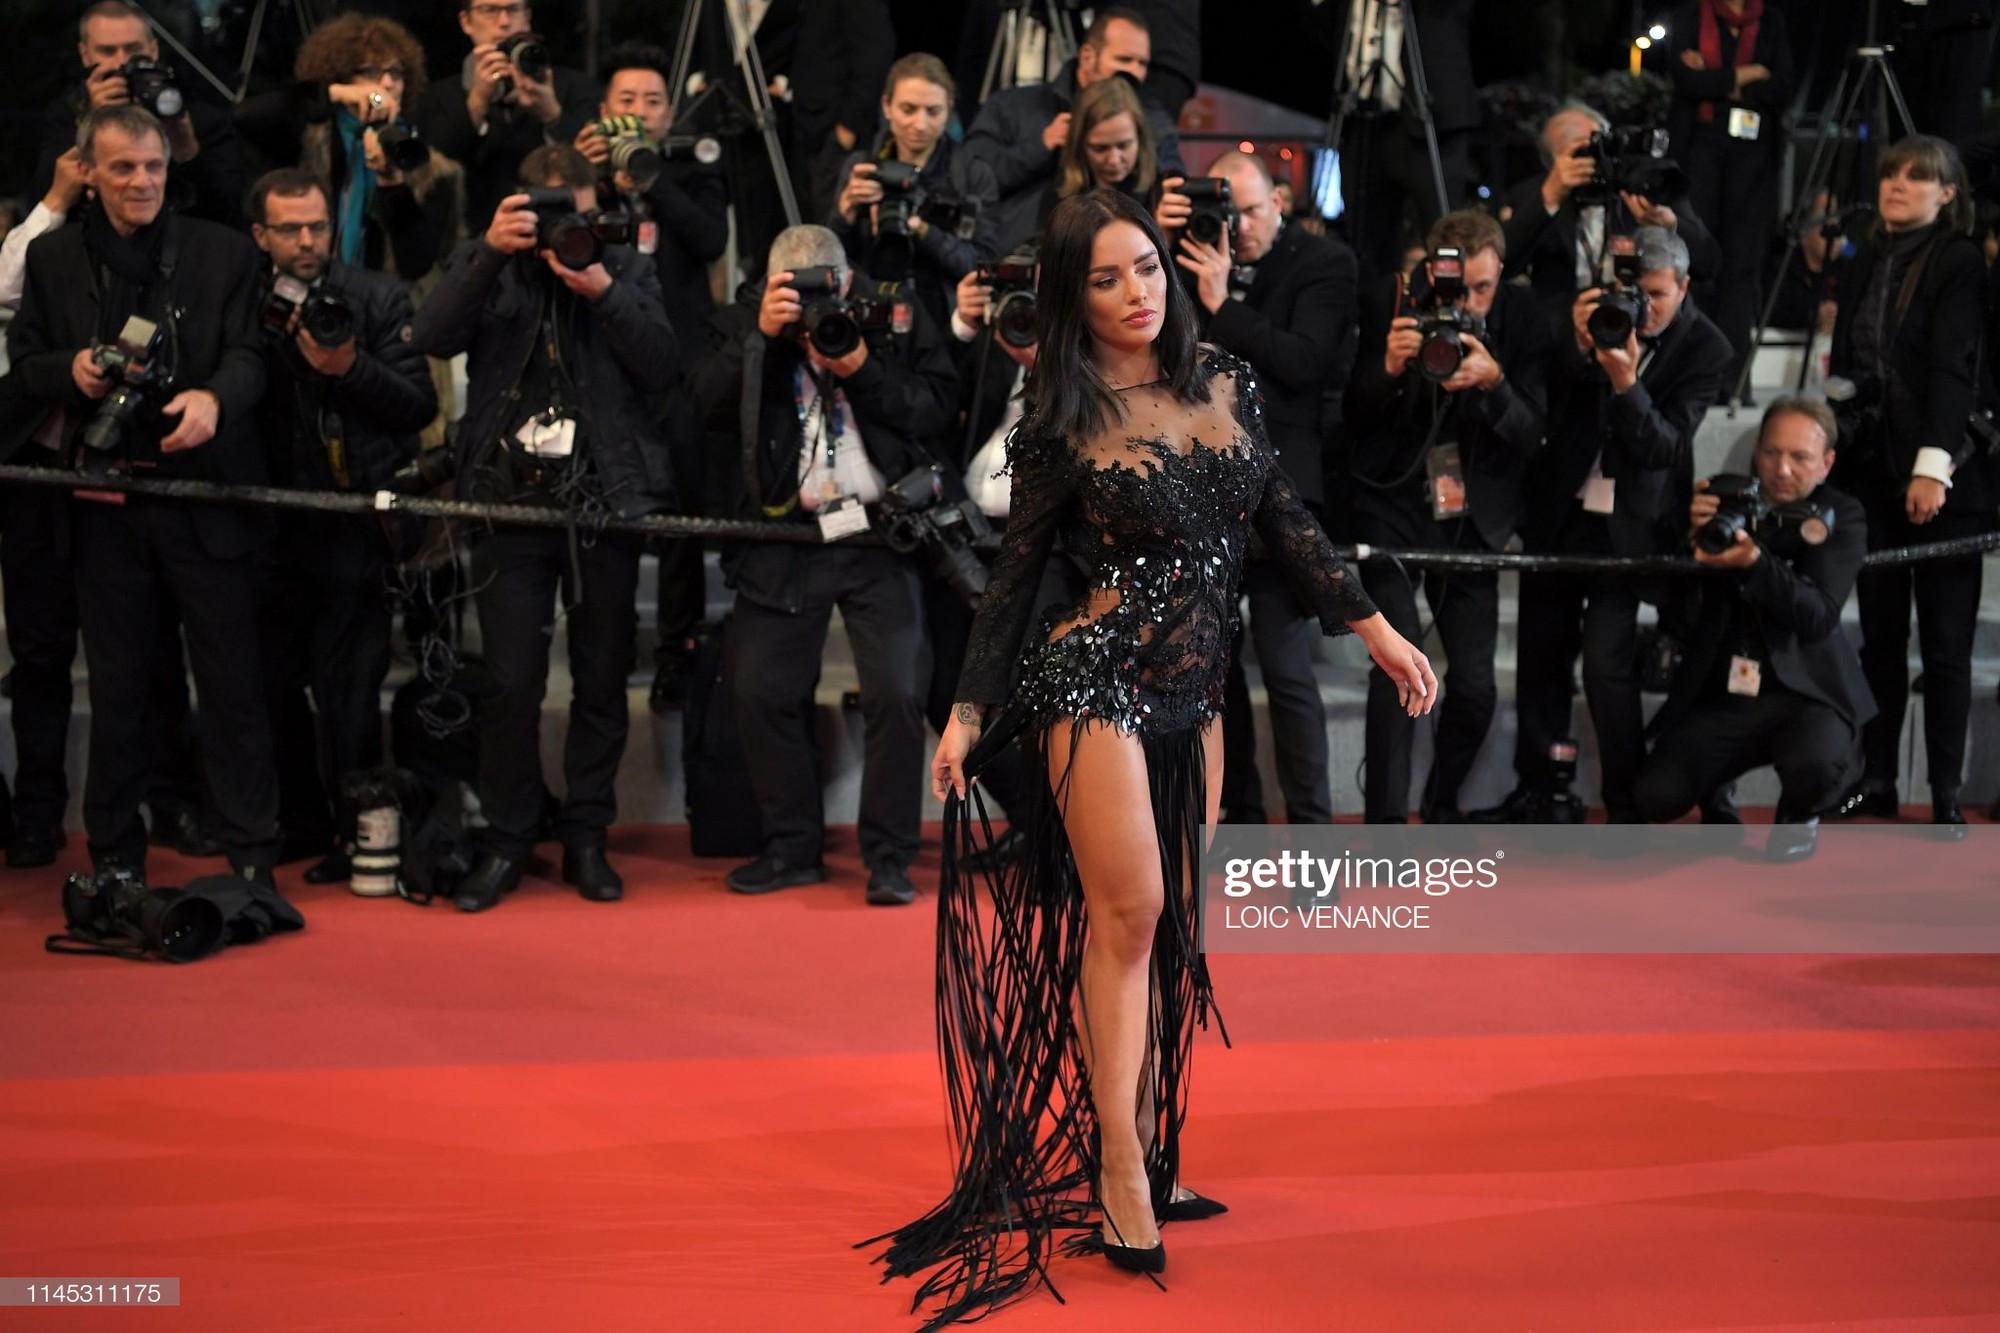 Xuất hiện người đẹp vô danh ăn mặc giống Ngọc Trinh tại Cannes nhưng liệu có đọ được về độ táo bạo, khoe da thịt? - Ảnh 2.